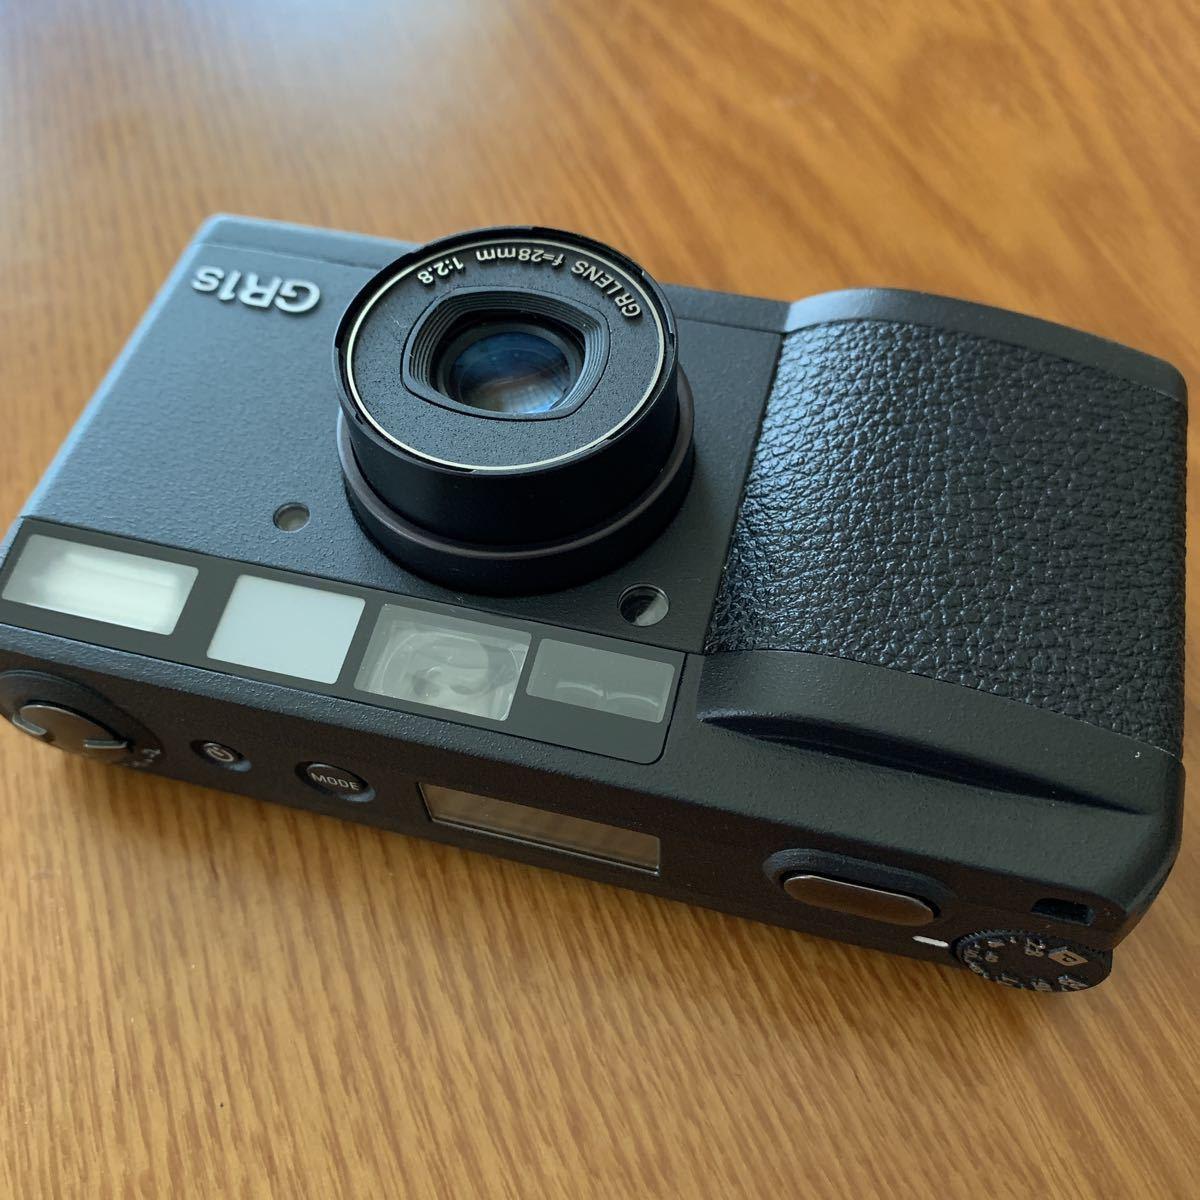 リコー Ricoh フィルム コンパクトカメラ GR1s 中古美品_画像4